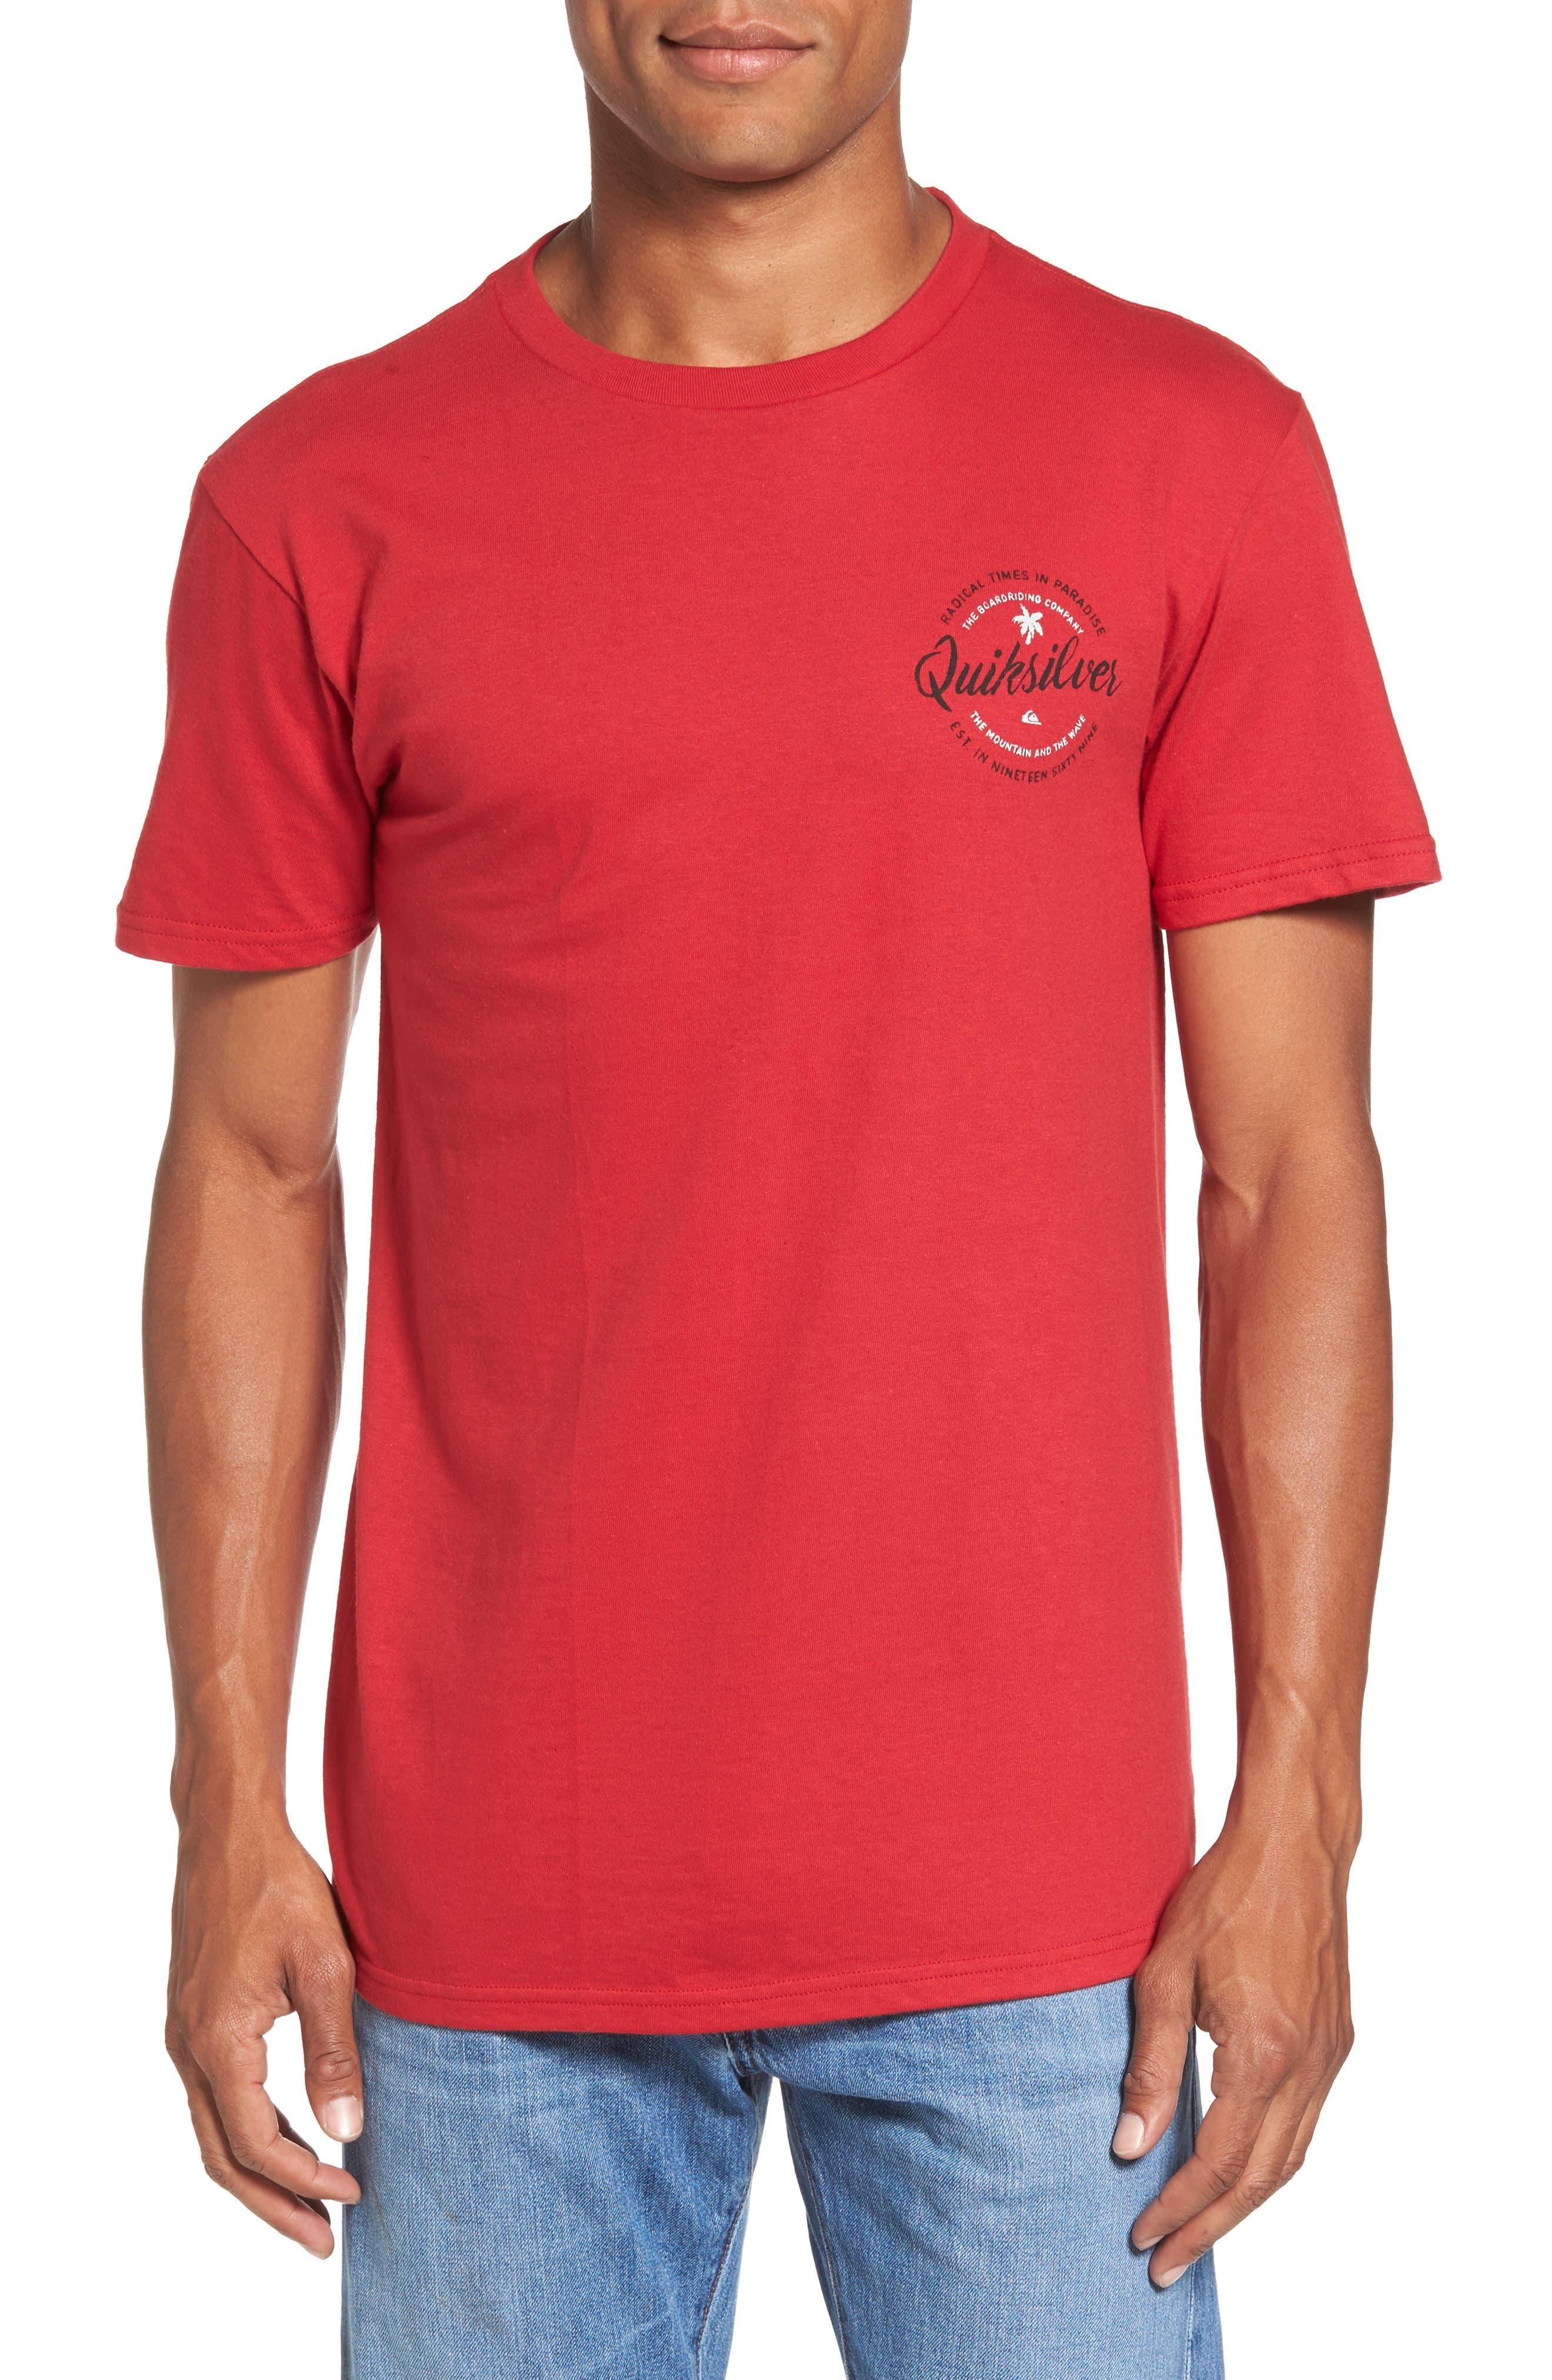 Quiksilver Holding Dreams MT0 T-Shirt